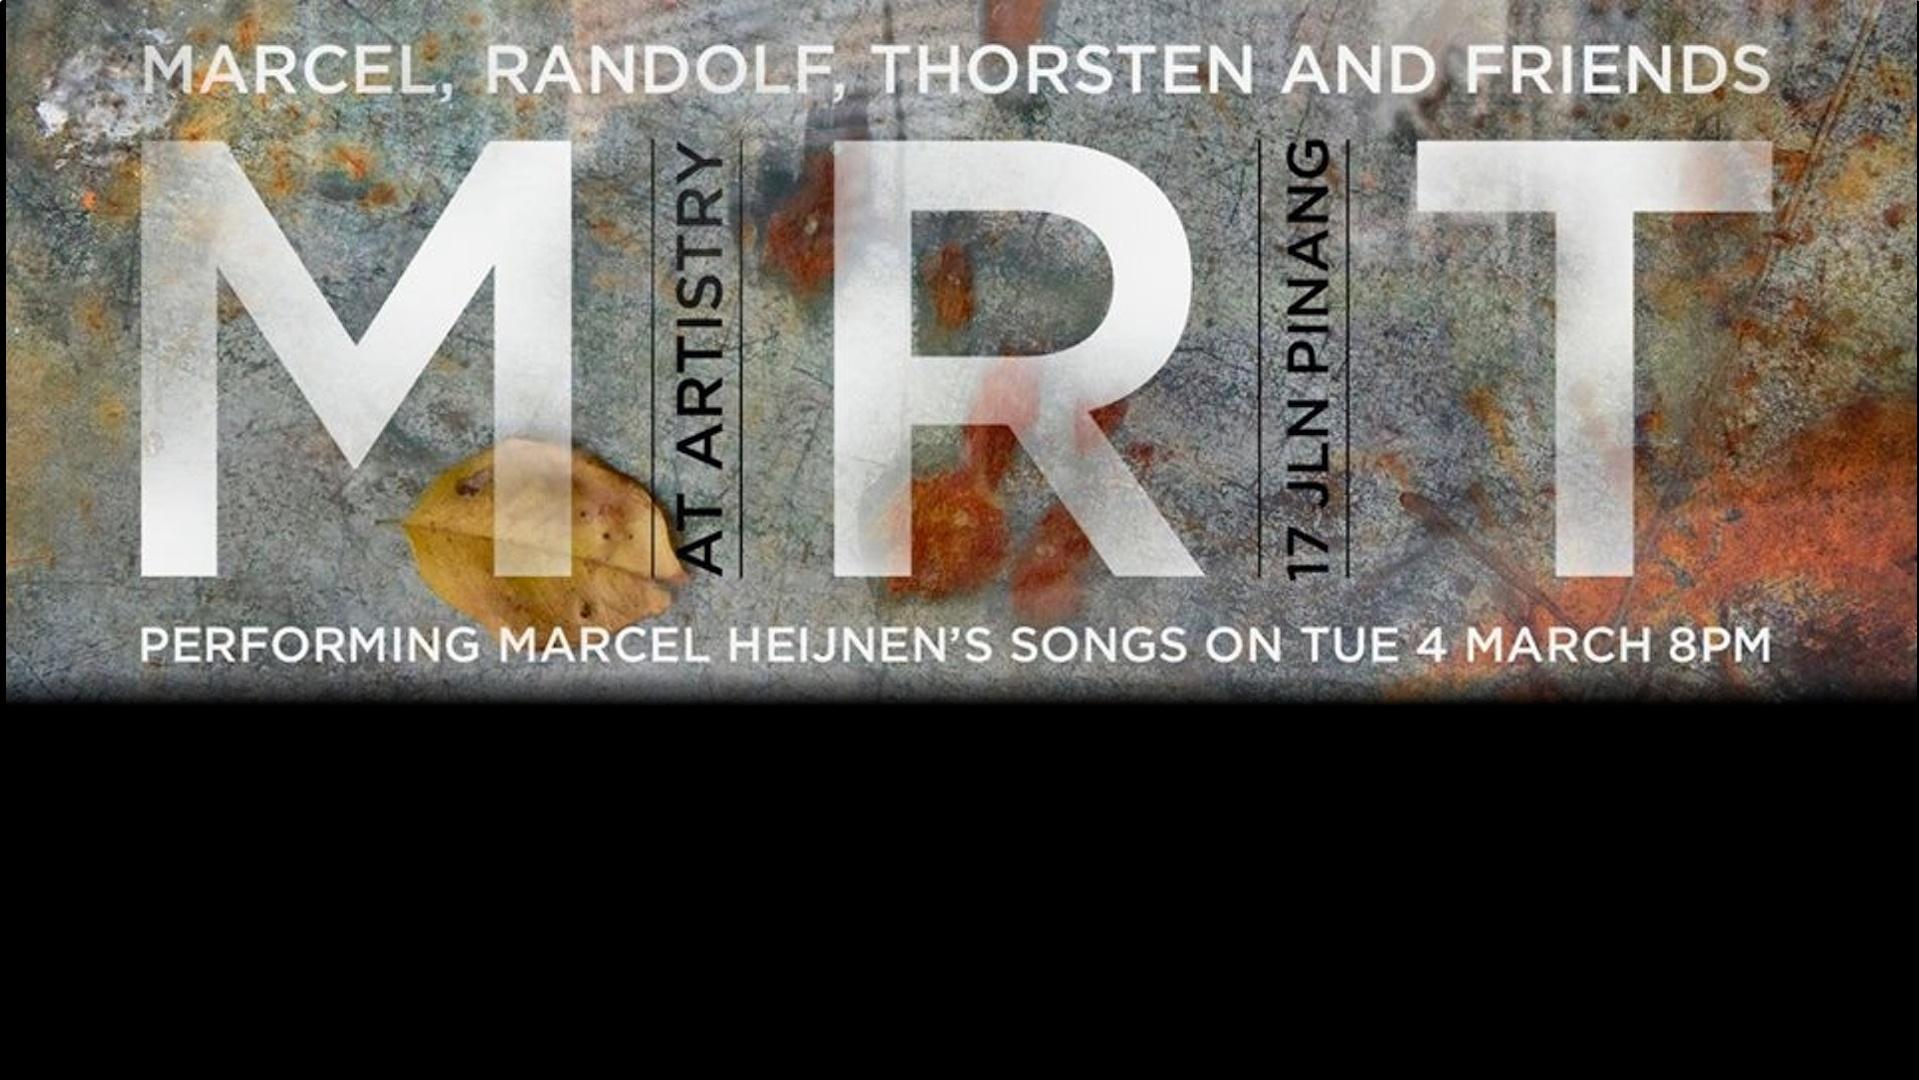 Marcel, Randolf, Thorsten & Friends